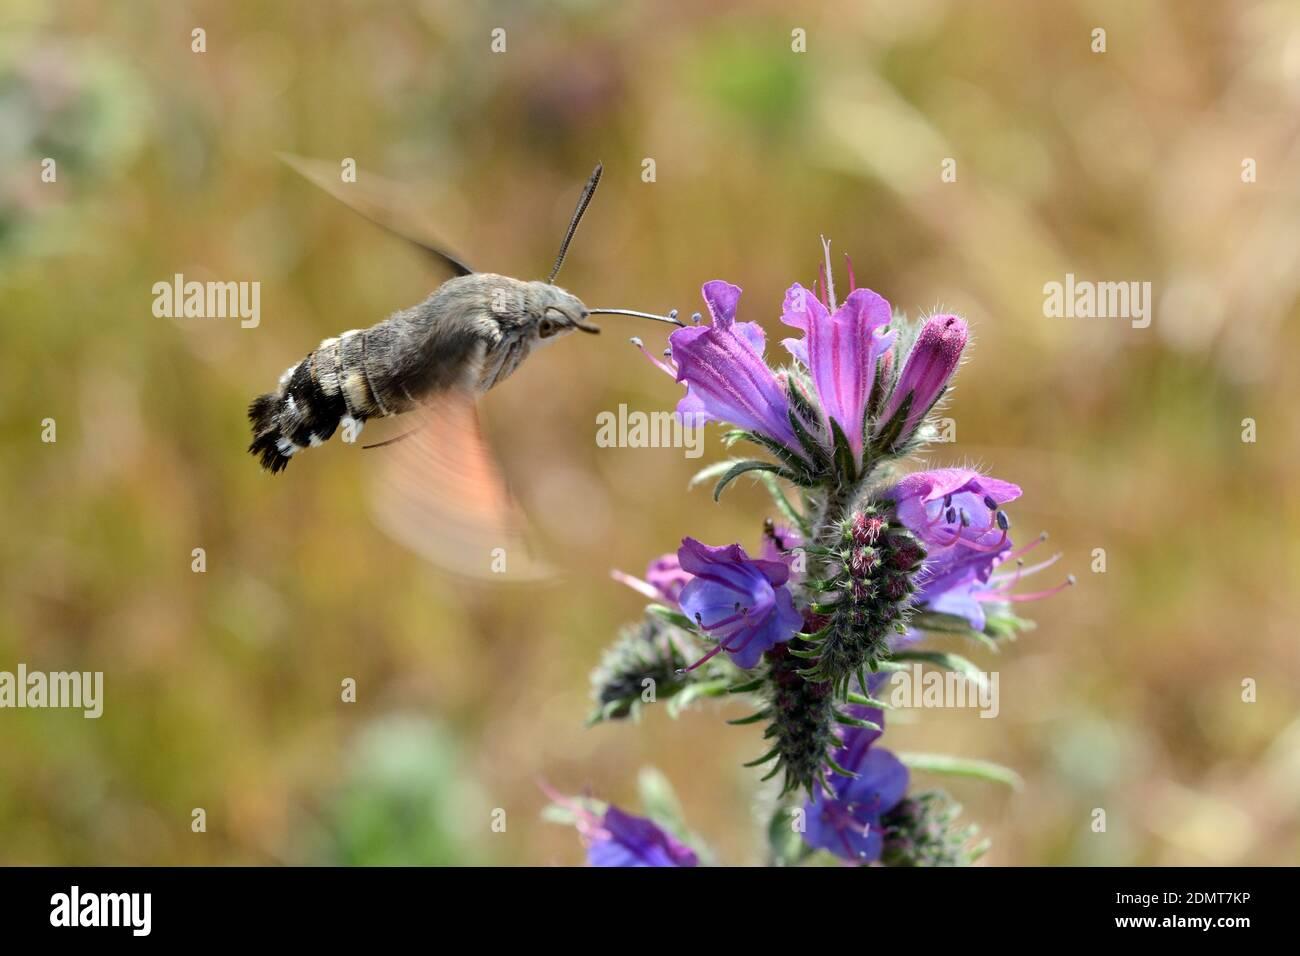 Colibrí Hawk-Moth, Macroglossum stellatarum, alimentándose con Proboscis en el néctar de las flores en forma de tubo mientras flotaba Foto de stock